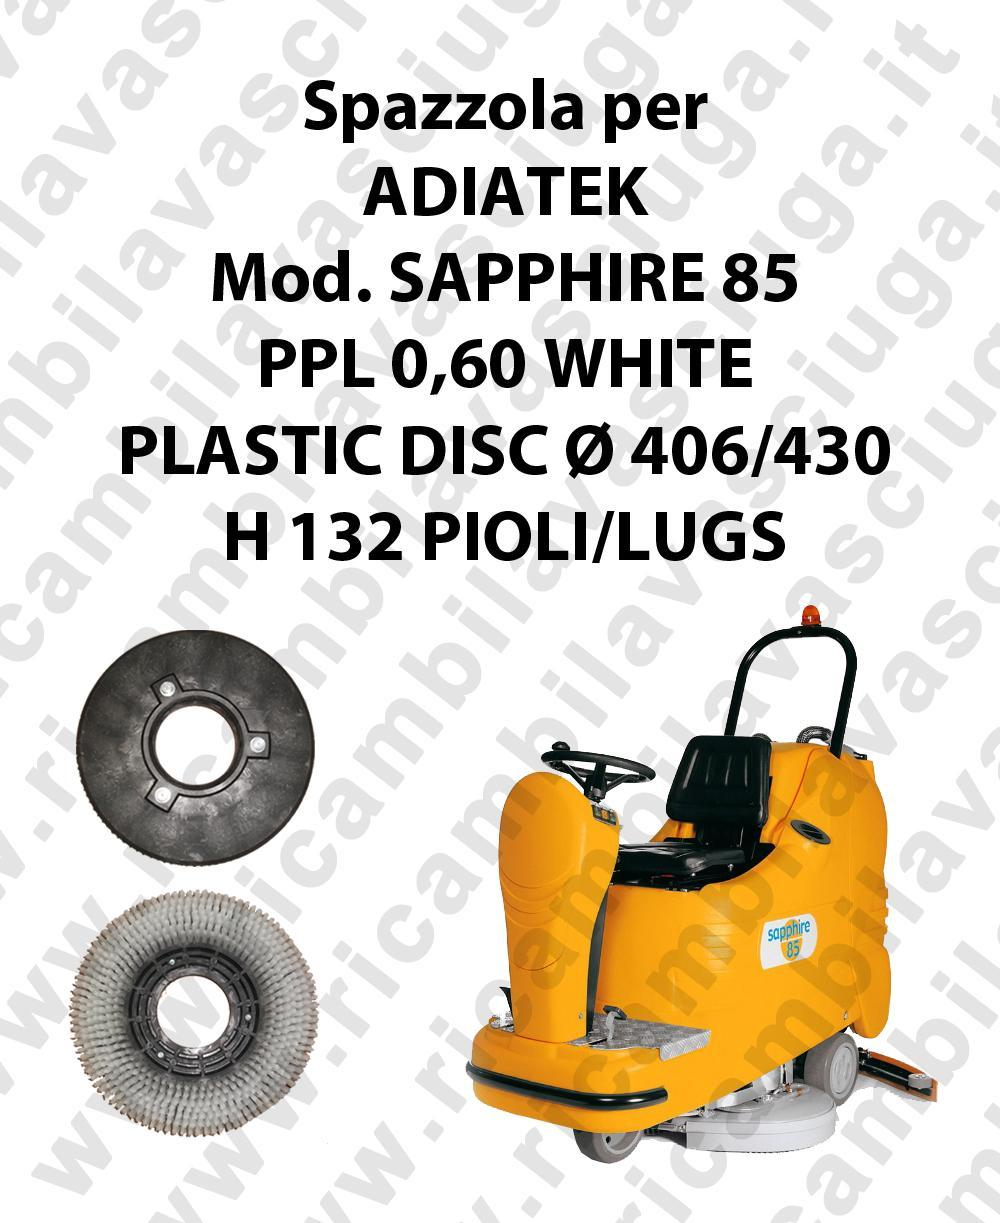 Cleaning Brush PPL 0,60 WHITE for scrubber dryer ADIATEK Model SAPPHIRE 85